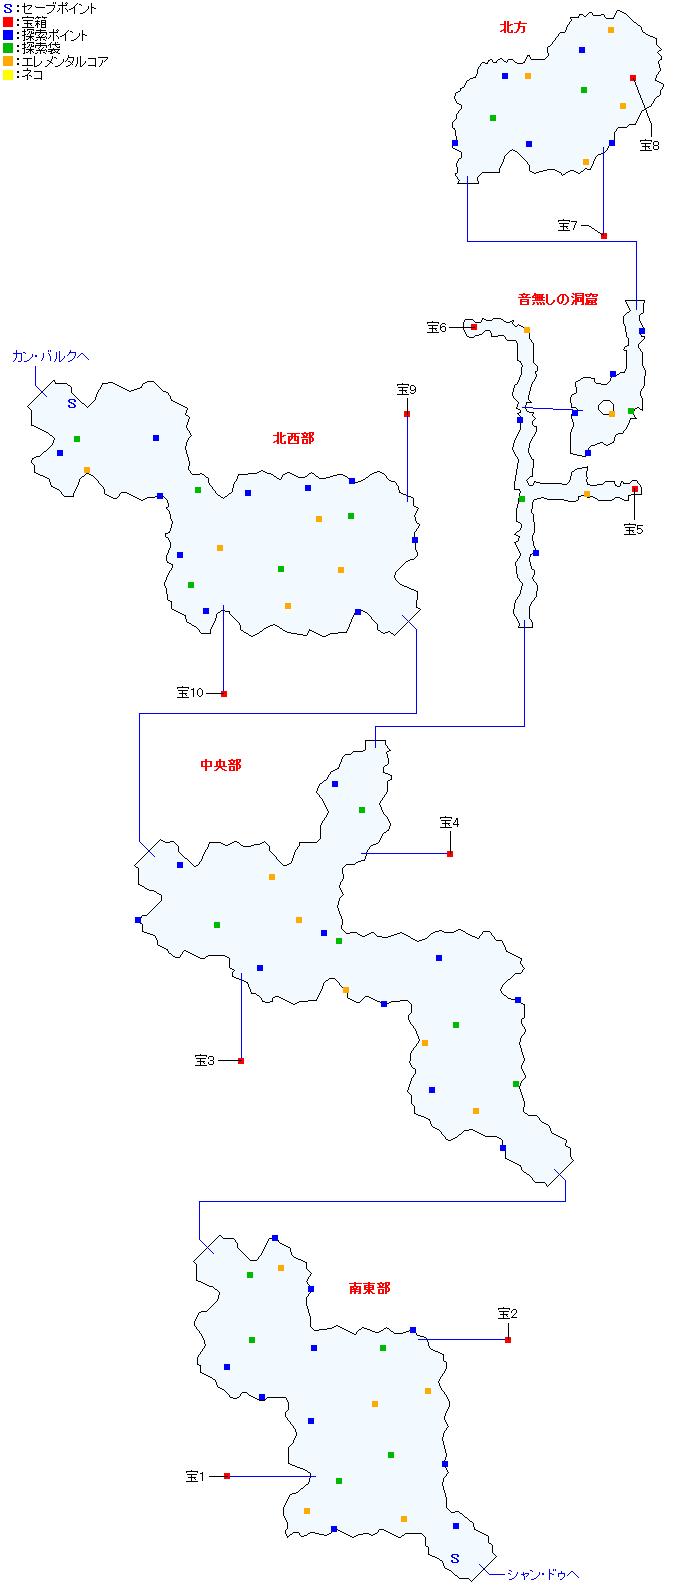 マップ画像・モン高原(分史世界・チャプター8~9)